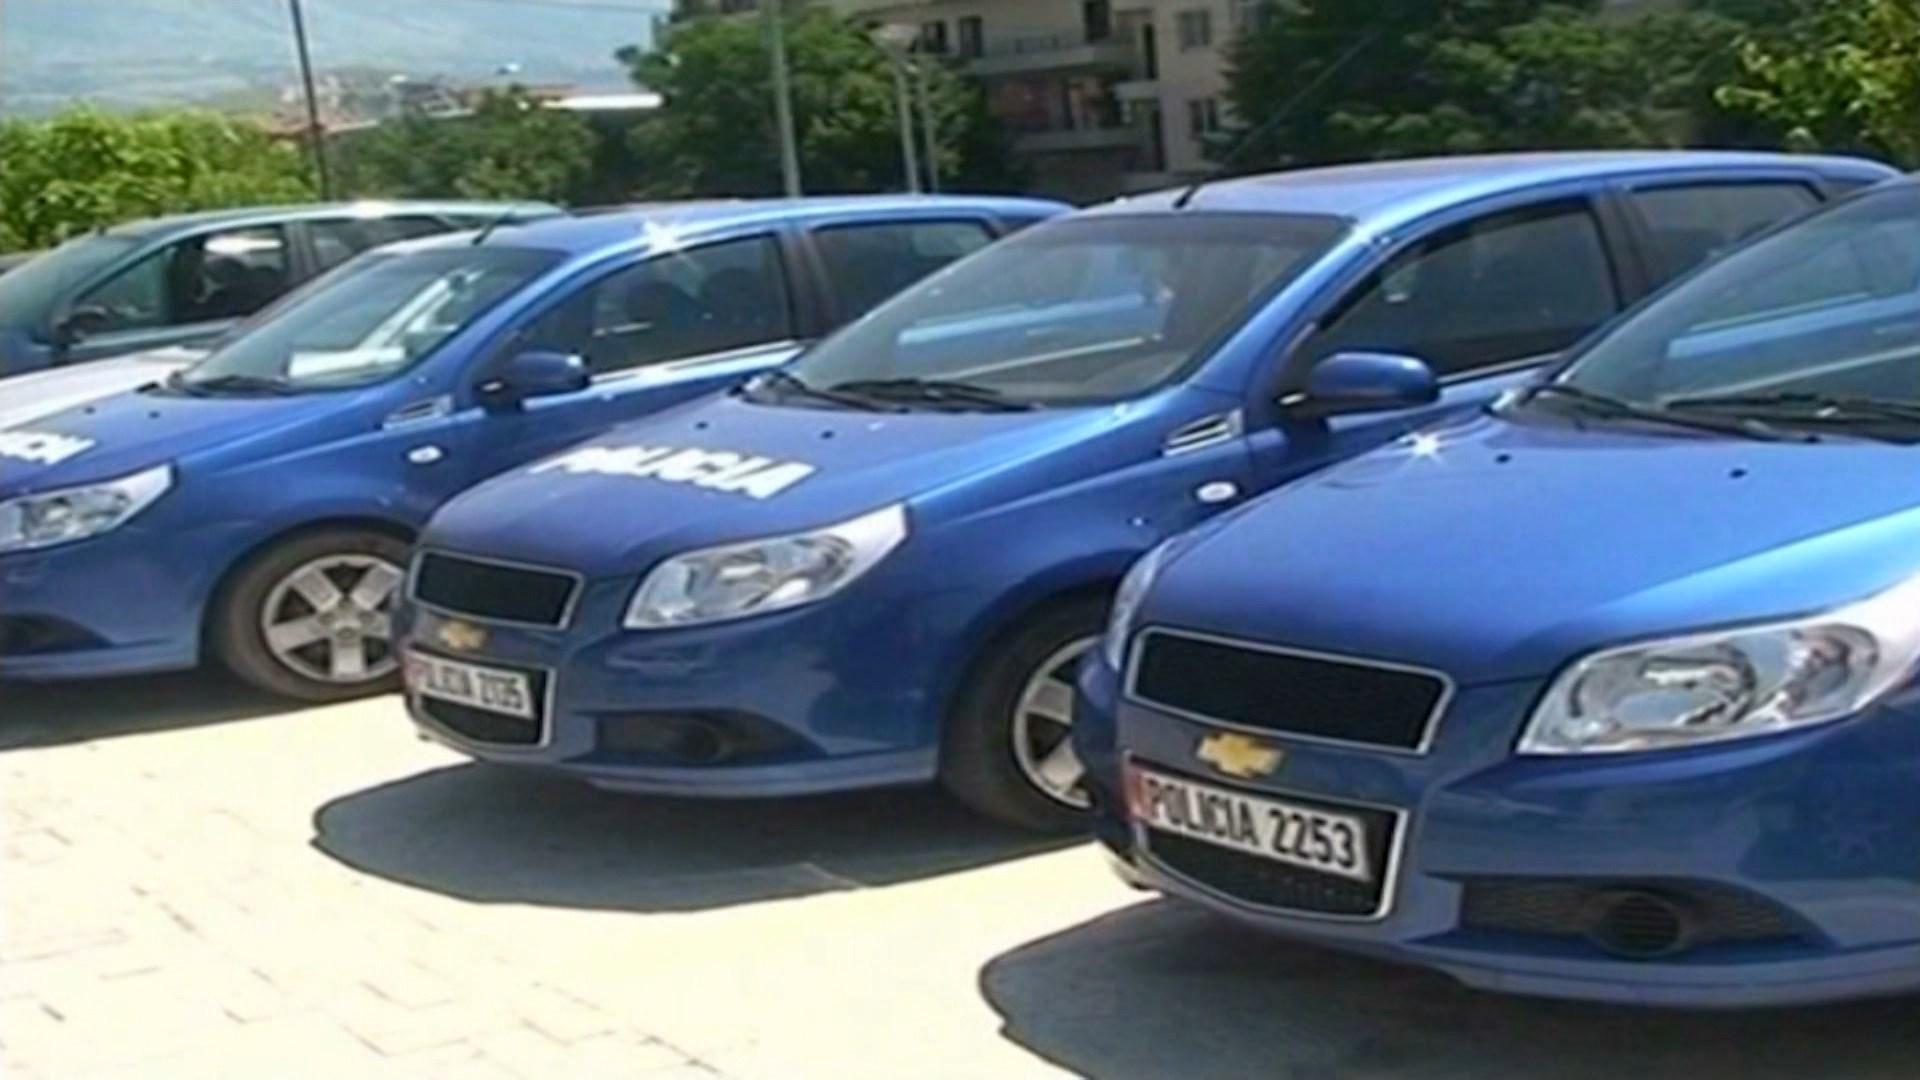 Operacion policor në Lazarat, policia prangos 4 persona të shpallur në kërkim